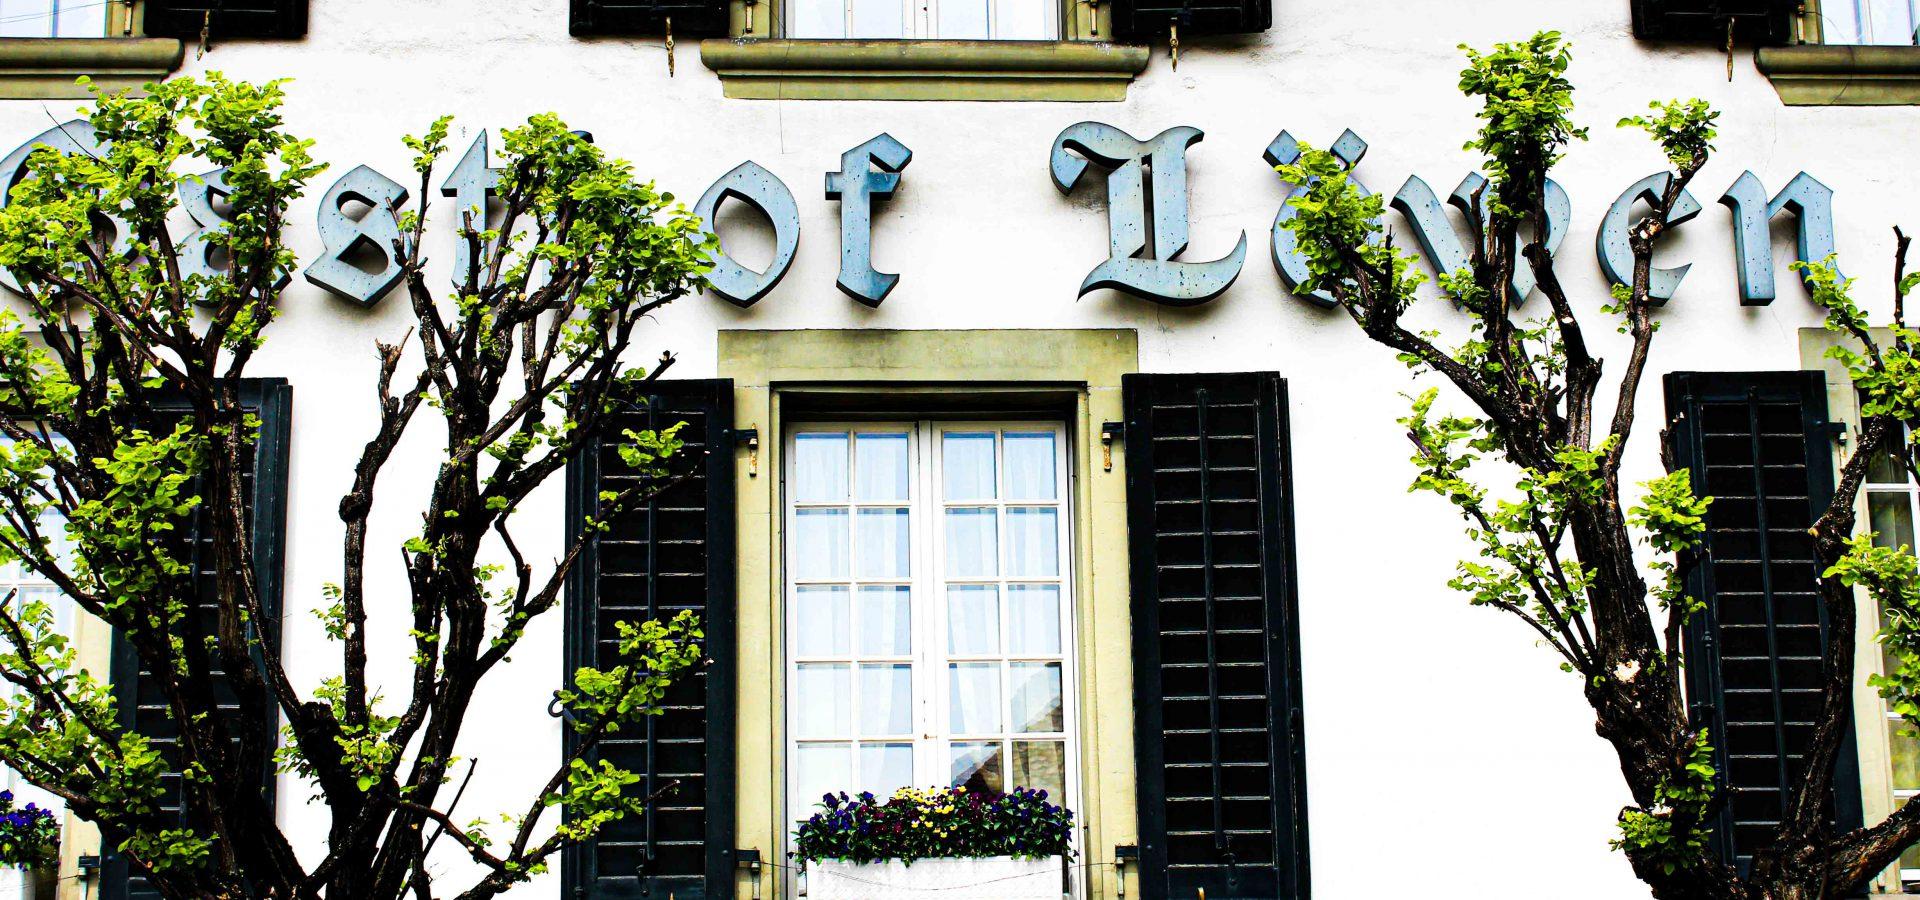 Koncept Hotel Löie in Münsingen near Bern